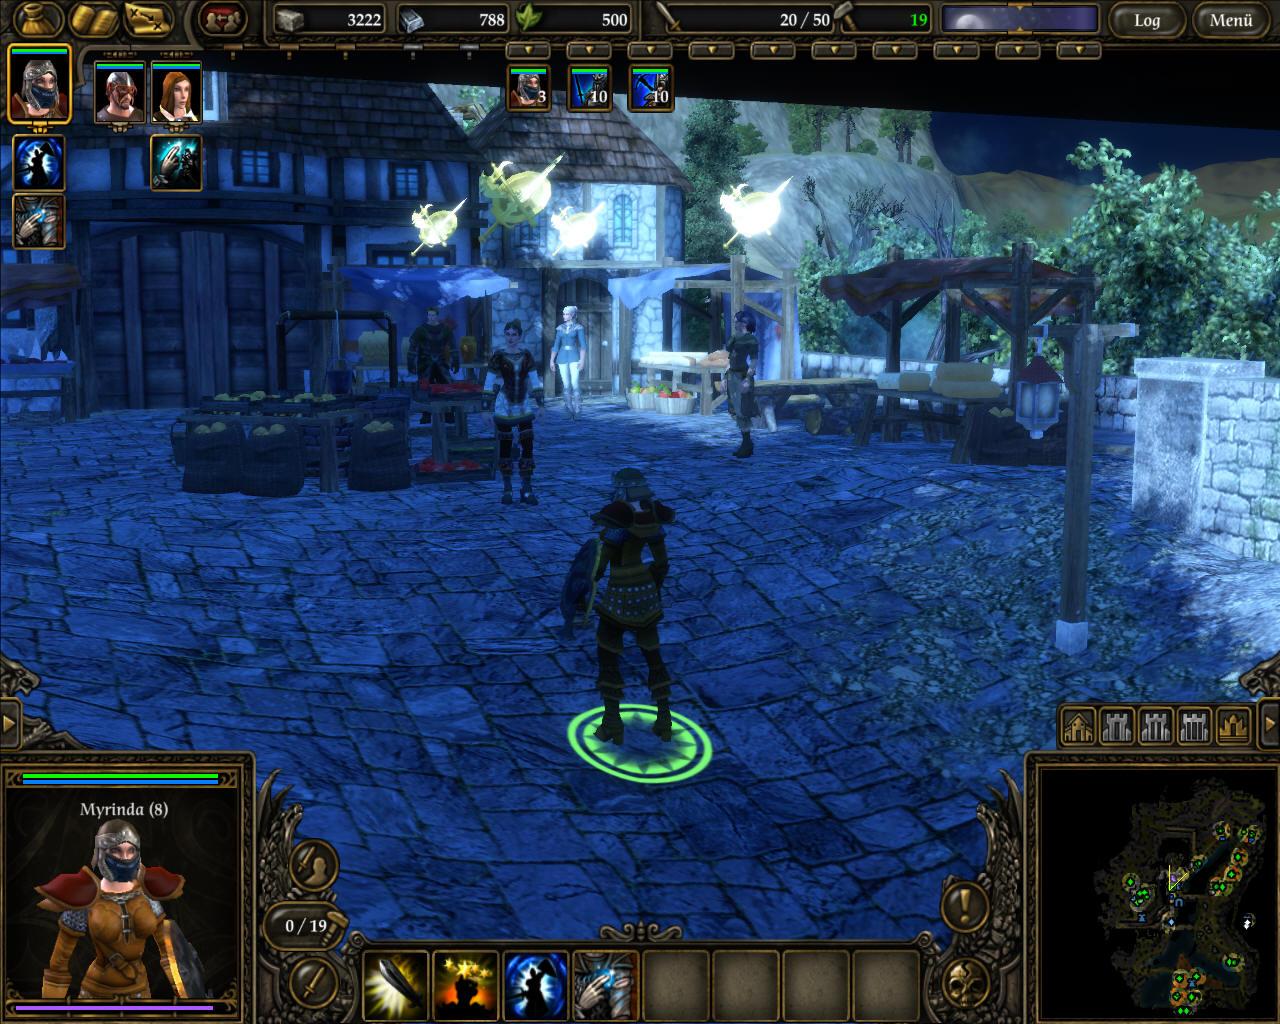 spellforce2_2006_04_11_17_33_42_78